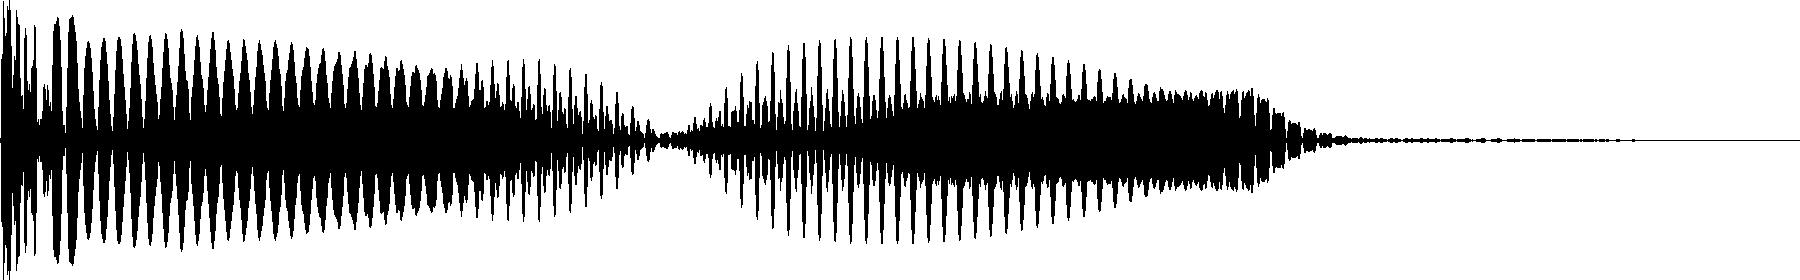 vedh bass cut 129 e